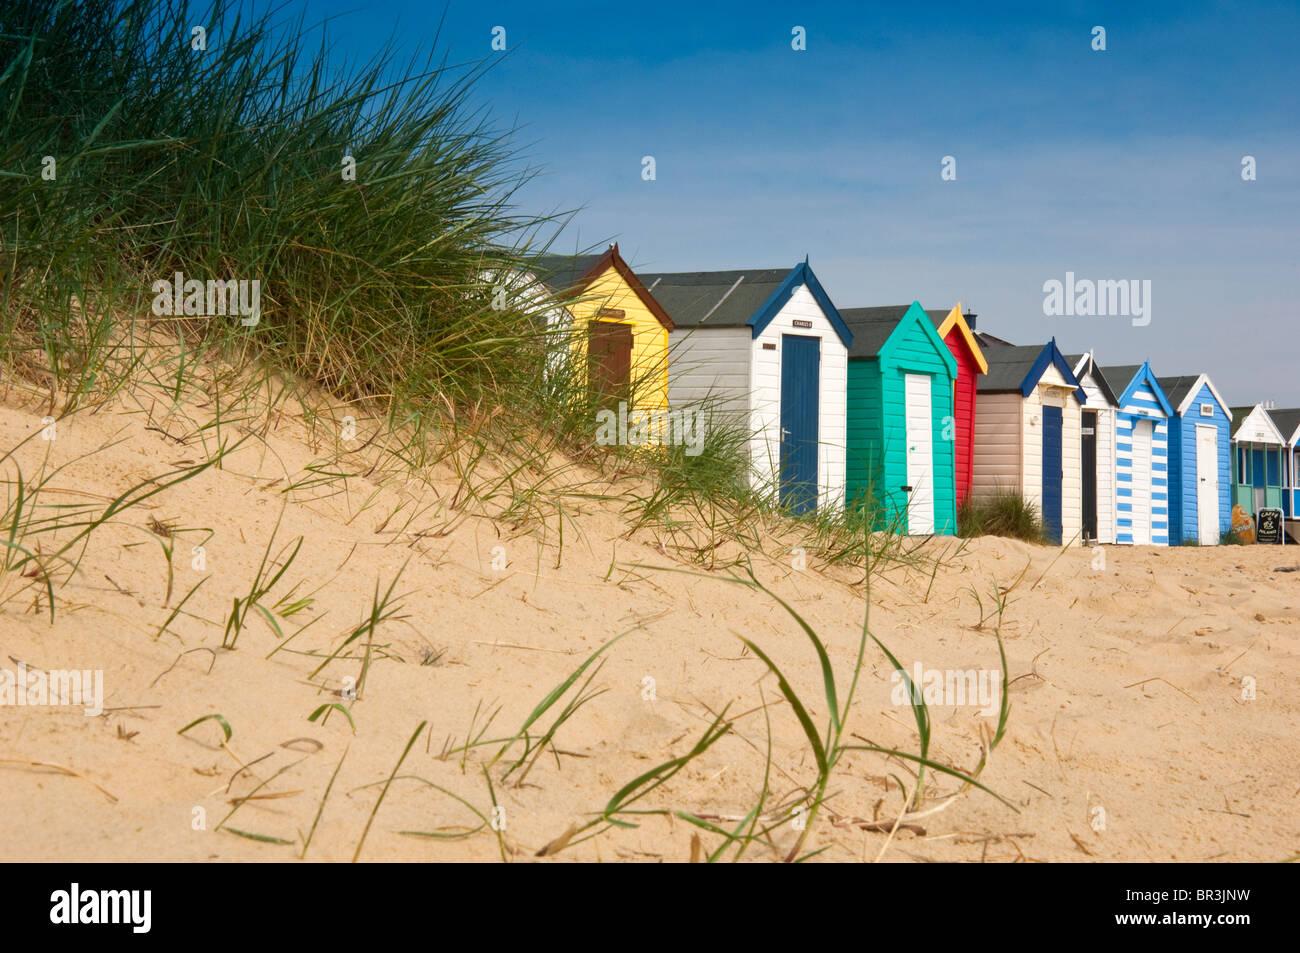 Beach huts, Southwold, England, UK - Stock Image